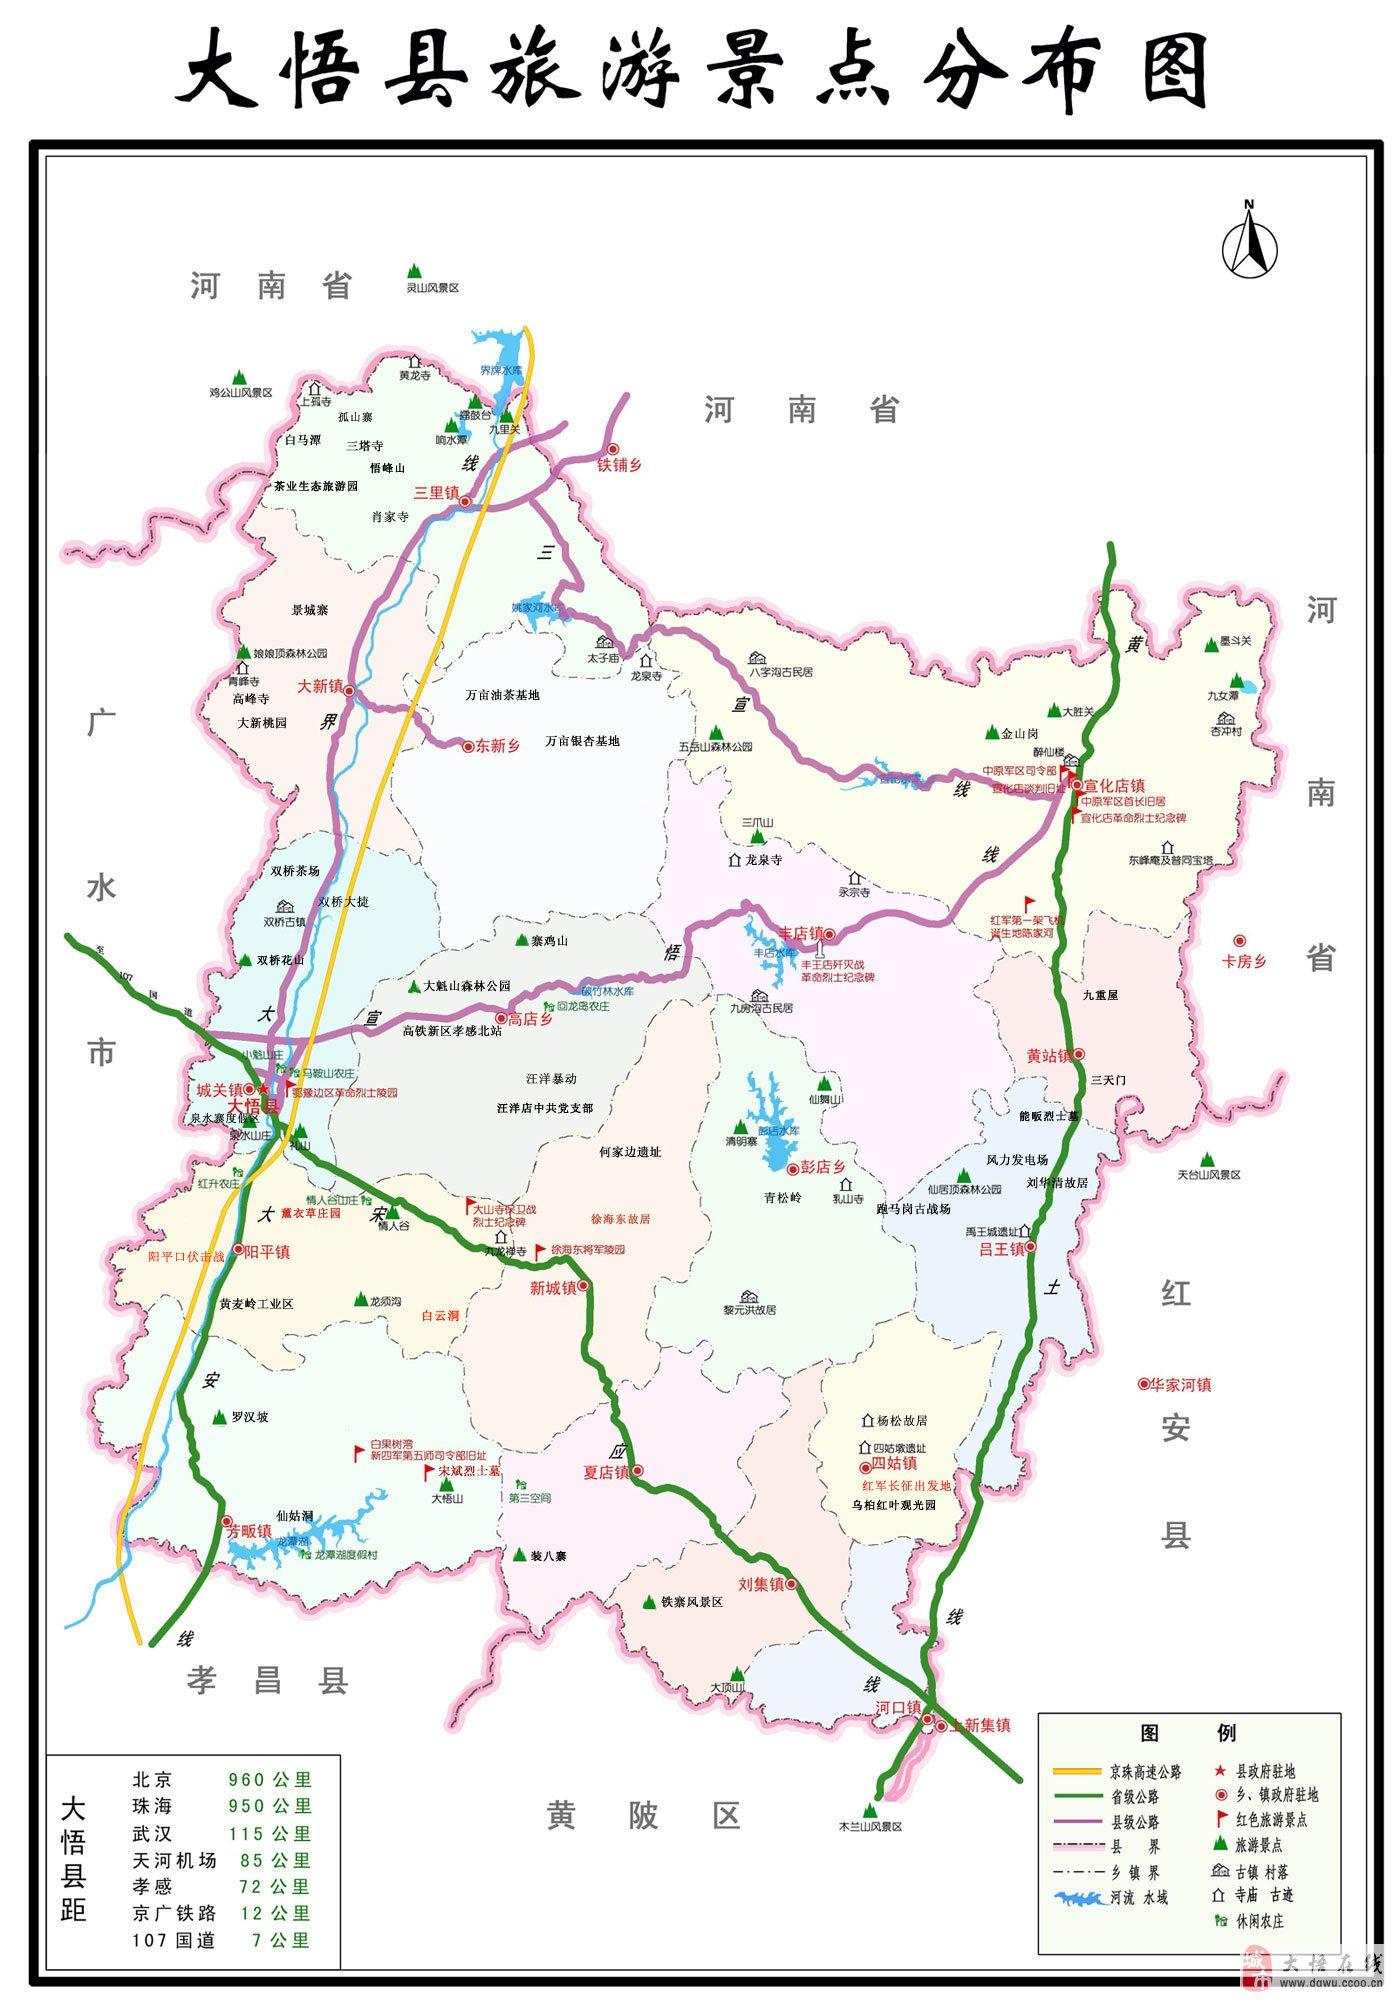 大悟县旅游景点分布图